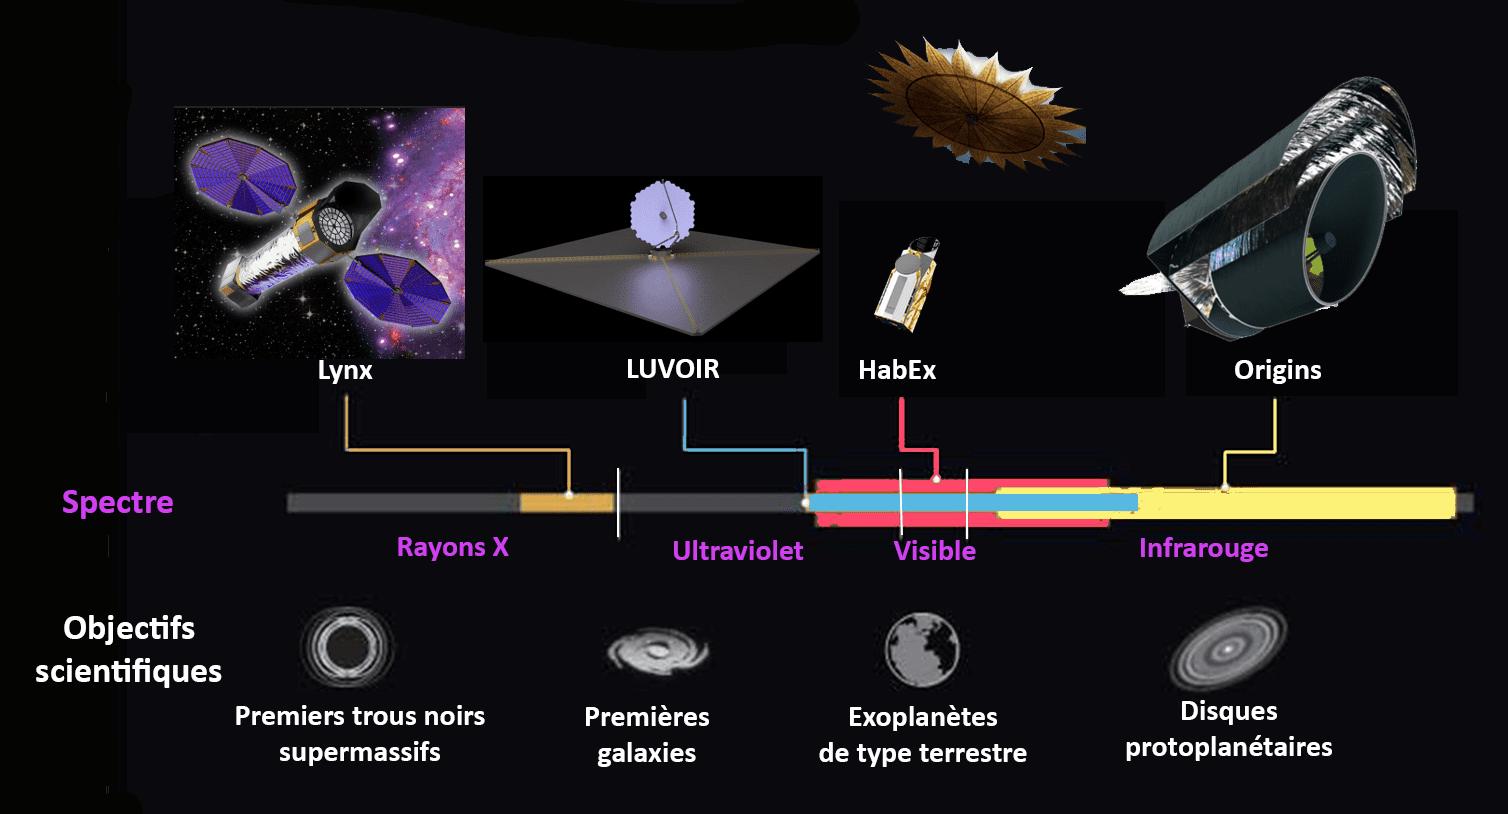 NASA хочет запустить новый космический телескоп для поиска второй Земли (comparaison ost luvoir habex et lynx fr)